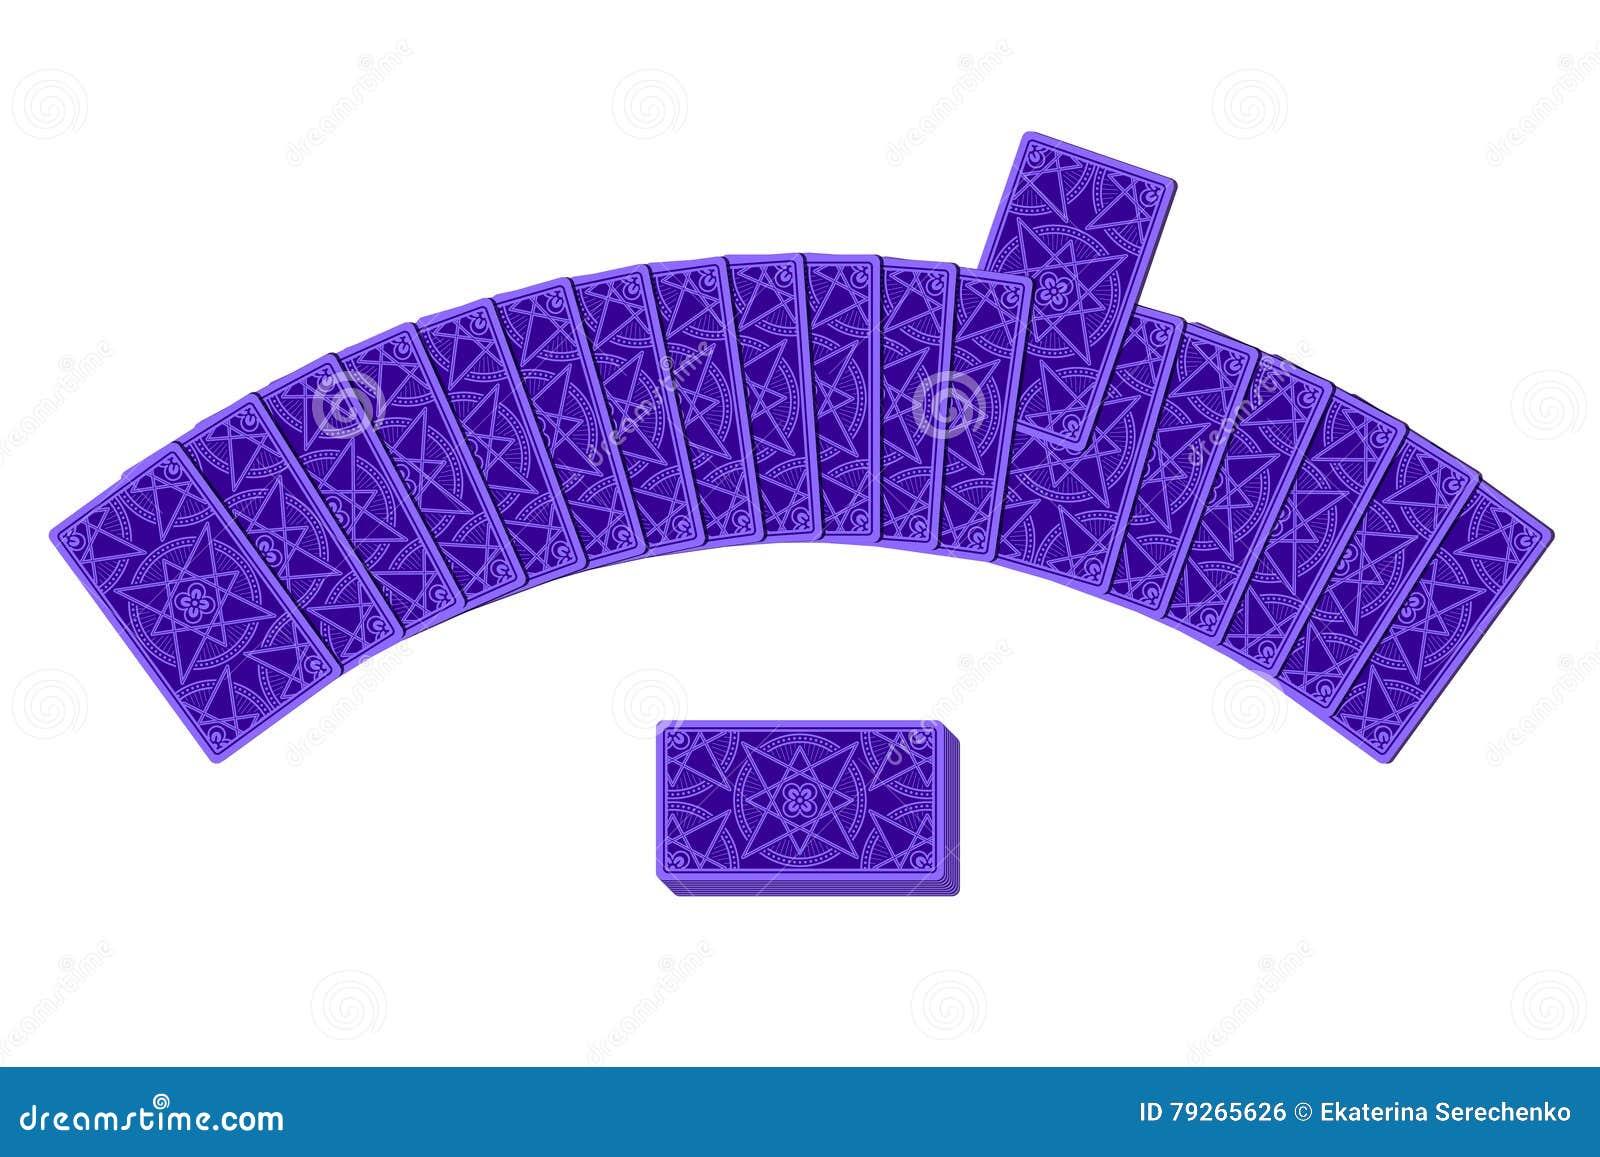 Κάρτες Tarot από την αντίστροφη πλευρά που βάζει semicircle